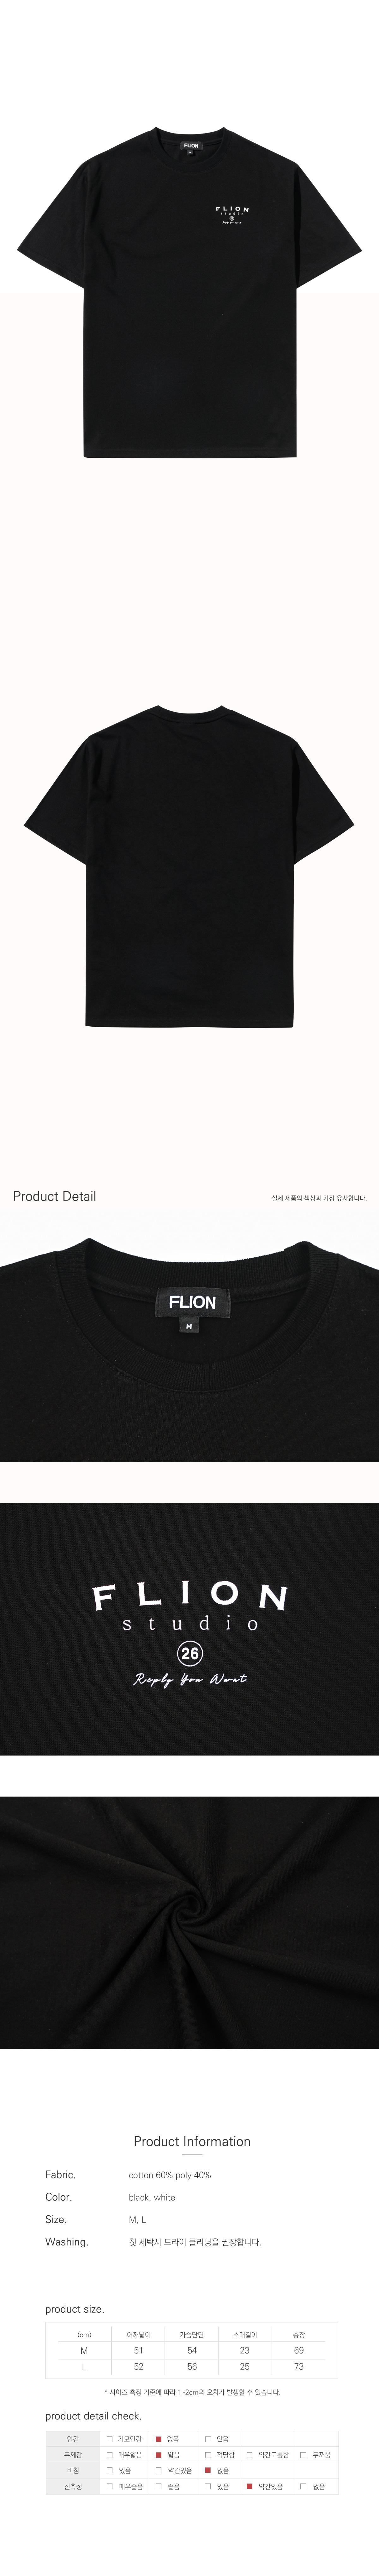 플리온(FLION) 미니멀 로고 티셔츠 - 블랙